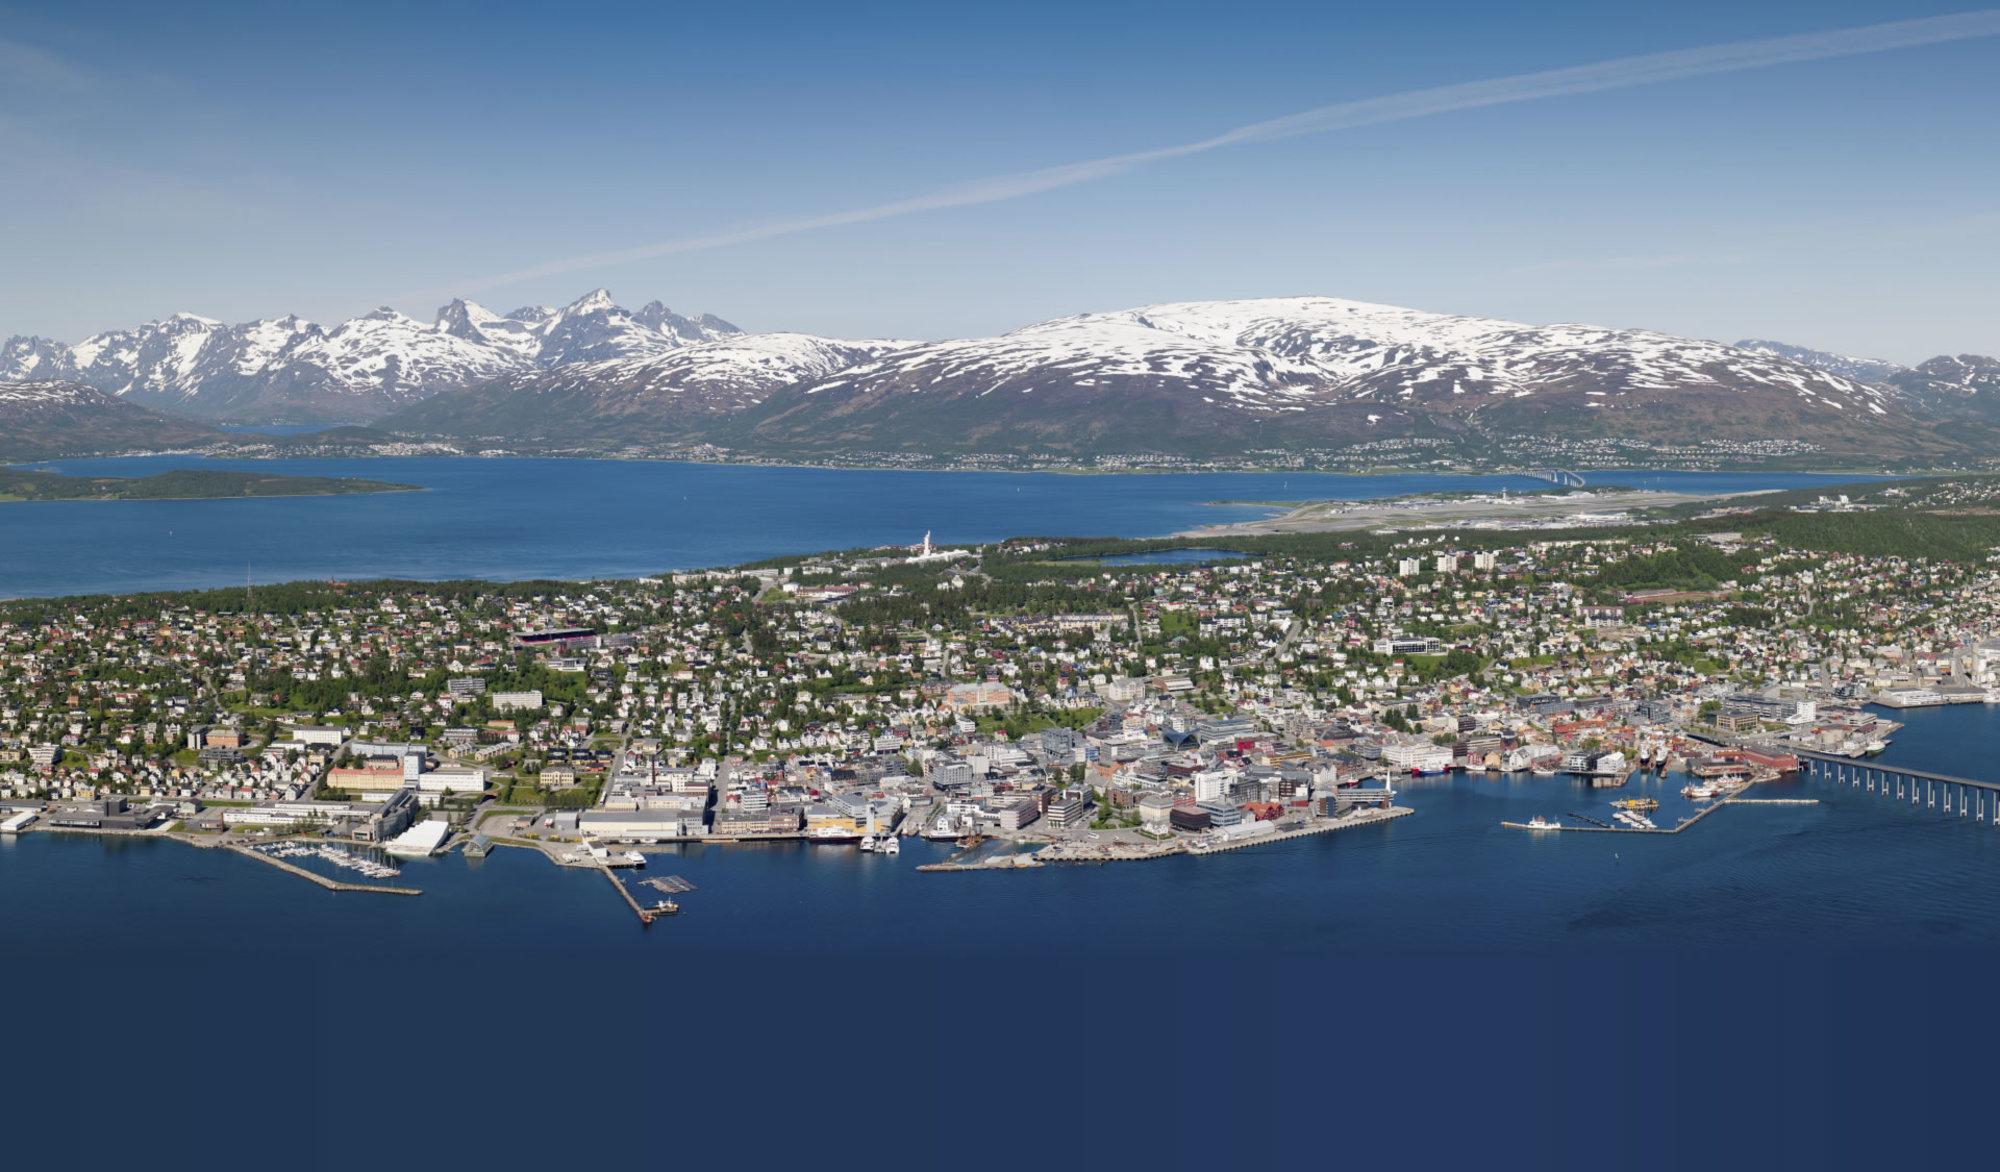 Du finner mange flinke hud og velvære salonger i Tromsø-området.